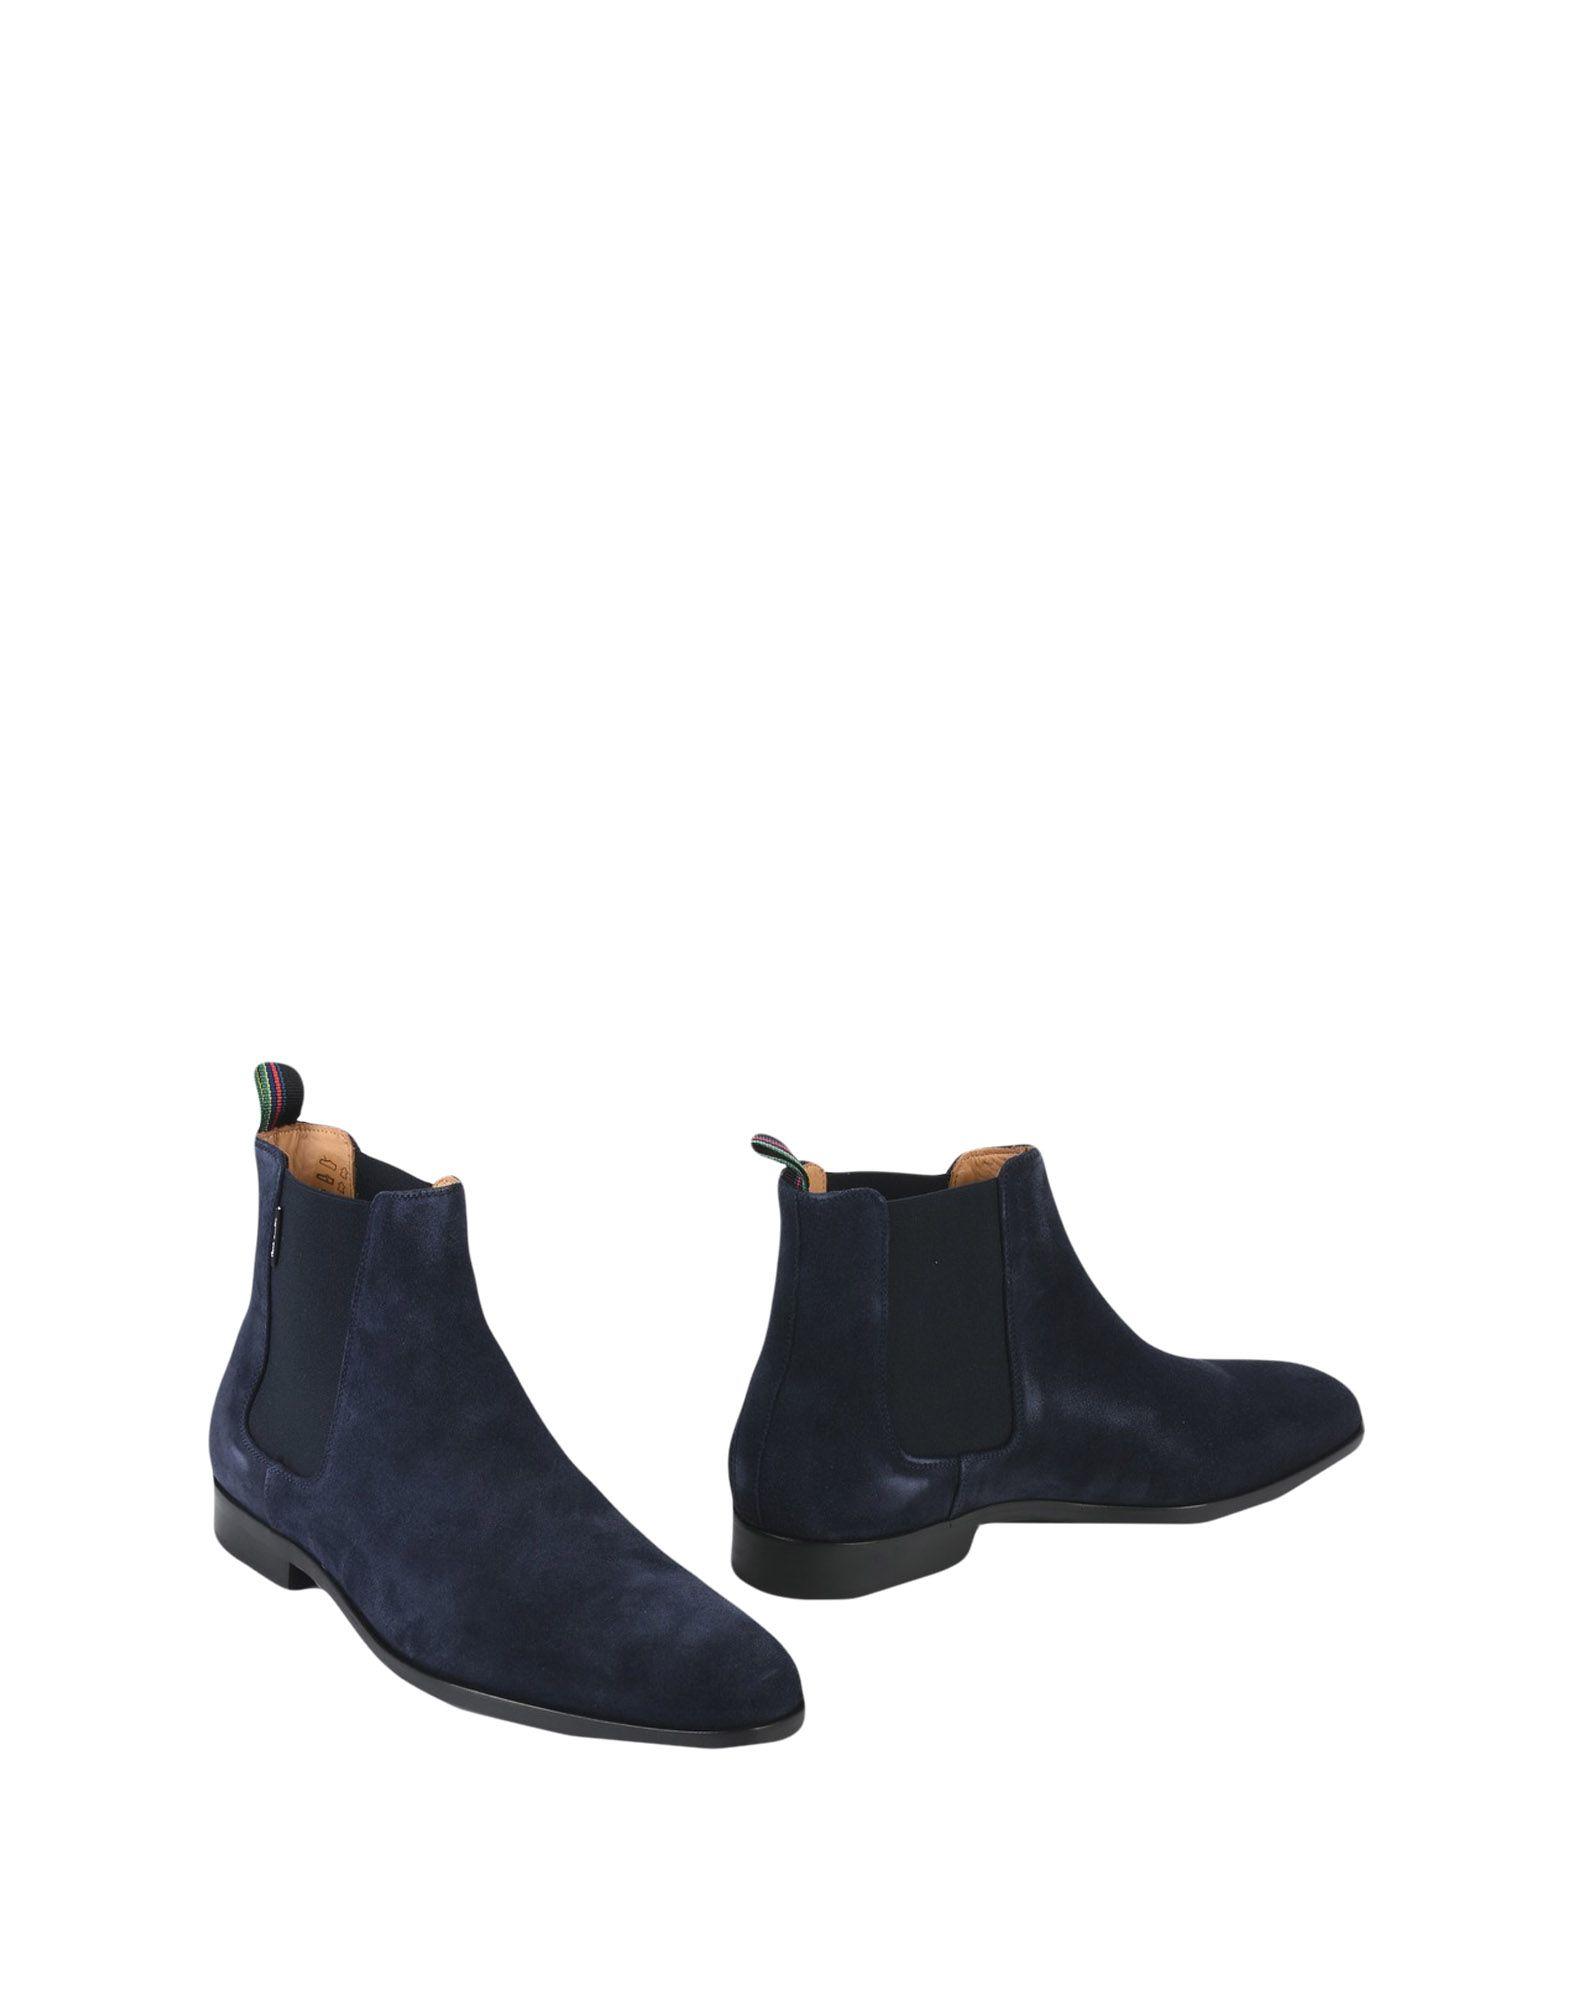 Ps By Paul Smith Stiefelette Herren  11503779FJ Gute Qualität beliebte Schuhe